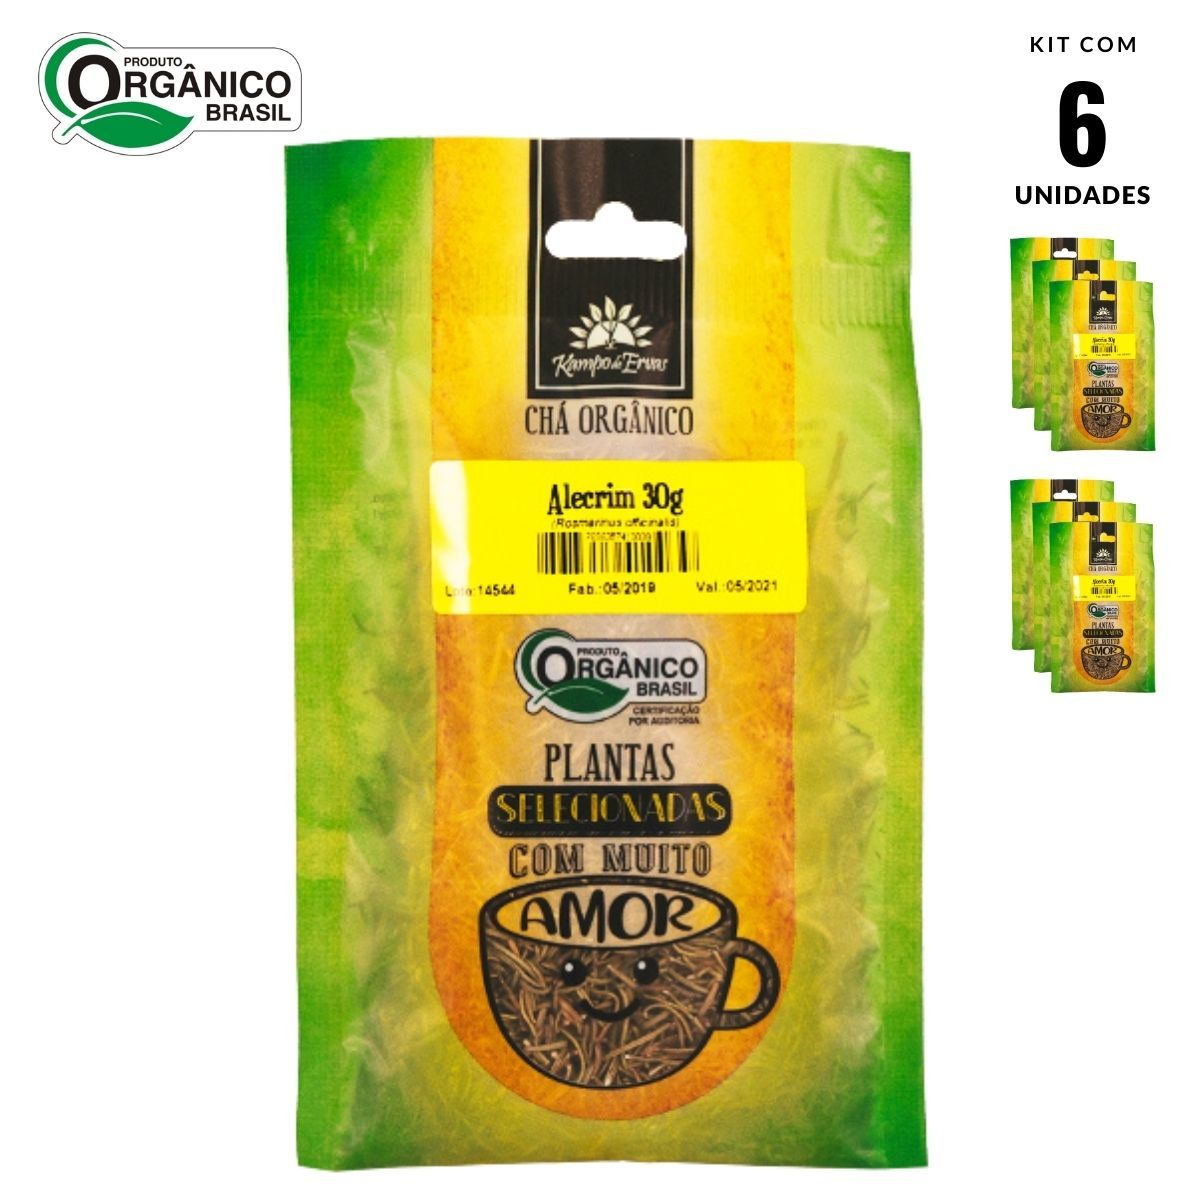 Alecrim Orgânico 100 % Folhas Kampo de Ervas 6 und 30g cada